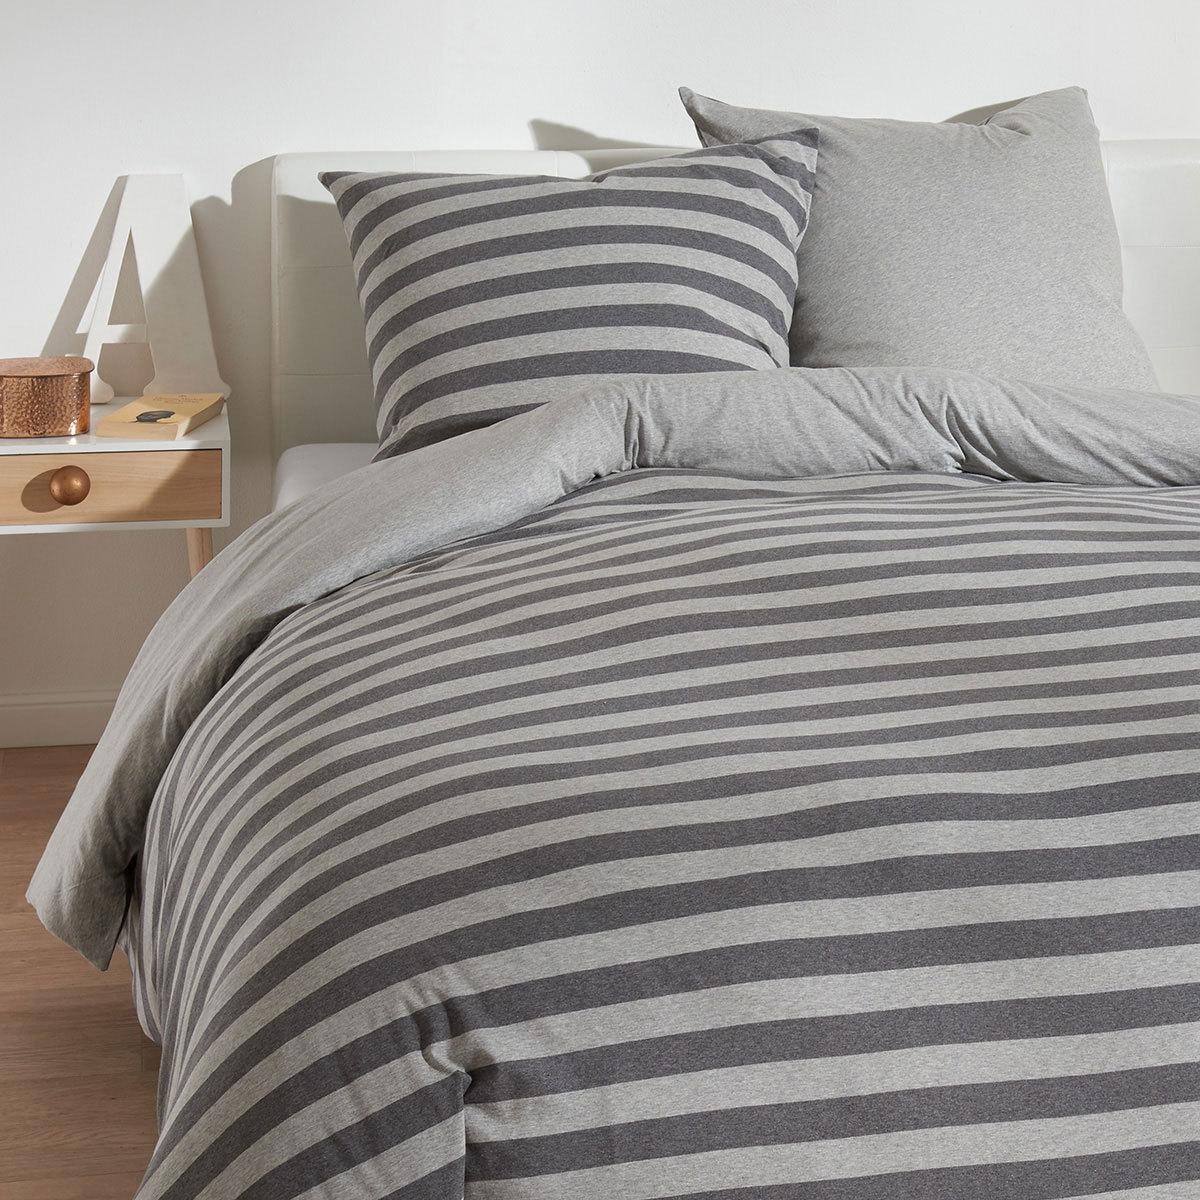 traumschlaf jersey melange wendebettw sche stripe grau g nstig online kaufen bei bettwaren shop. Black Bedroom Furniture Sets. Home Design Ideas